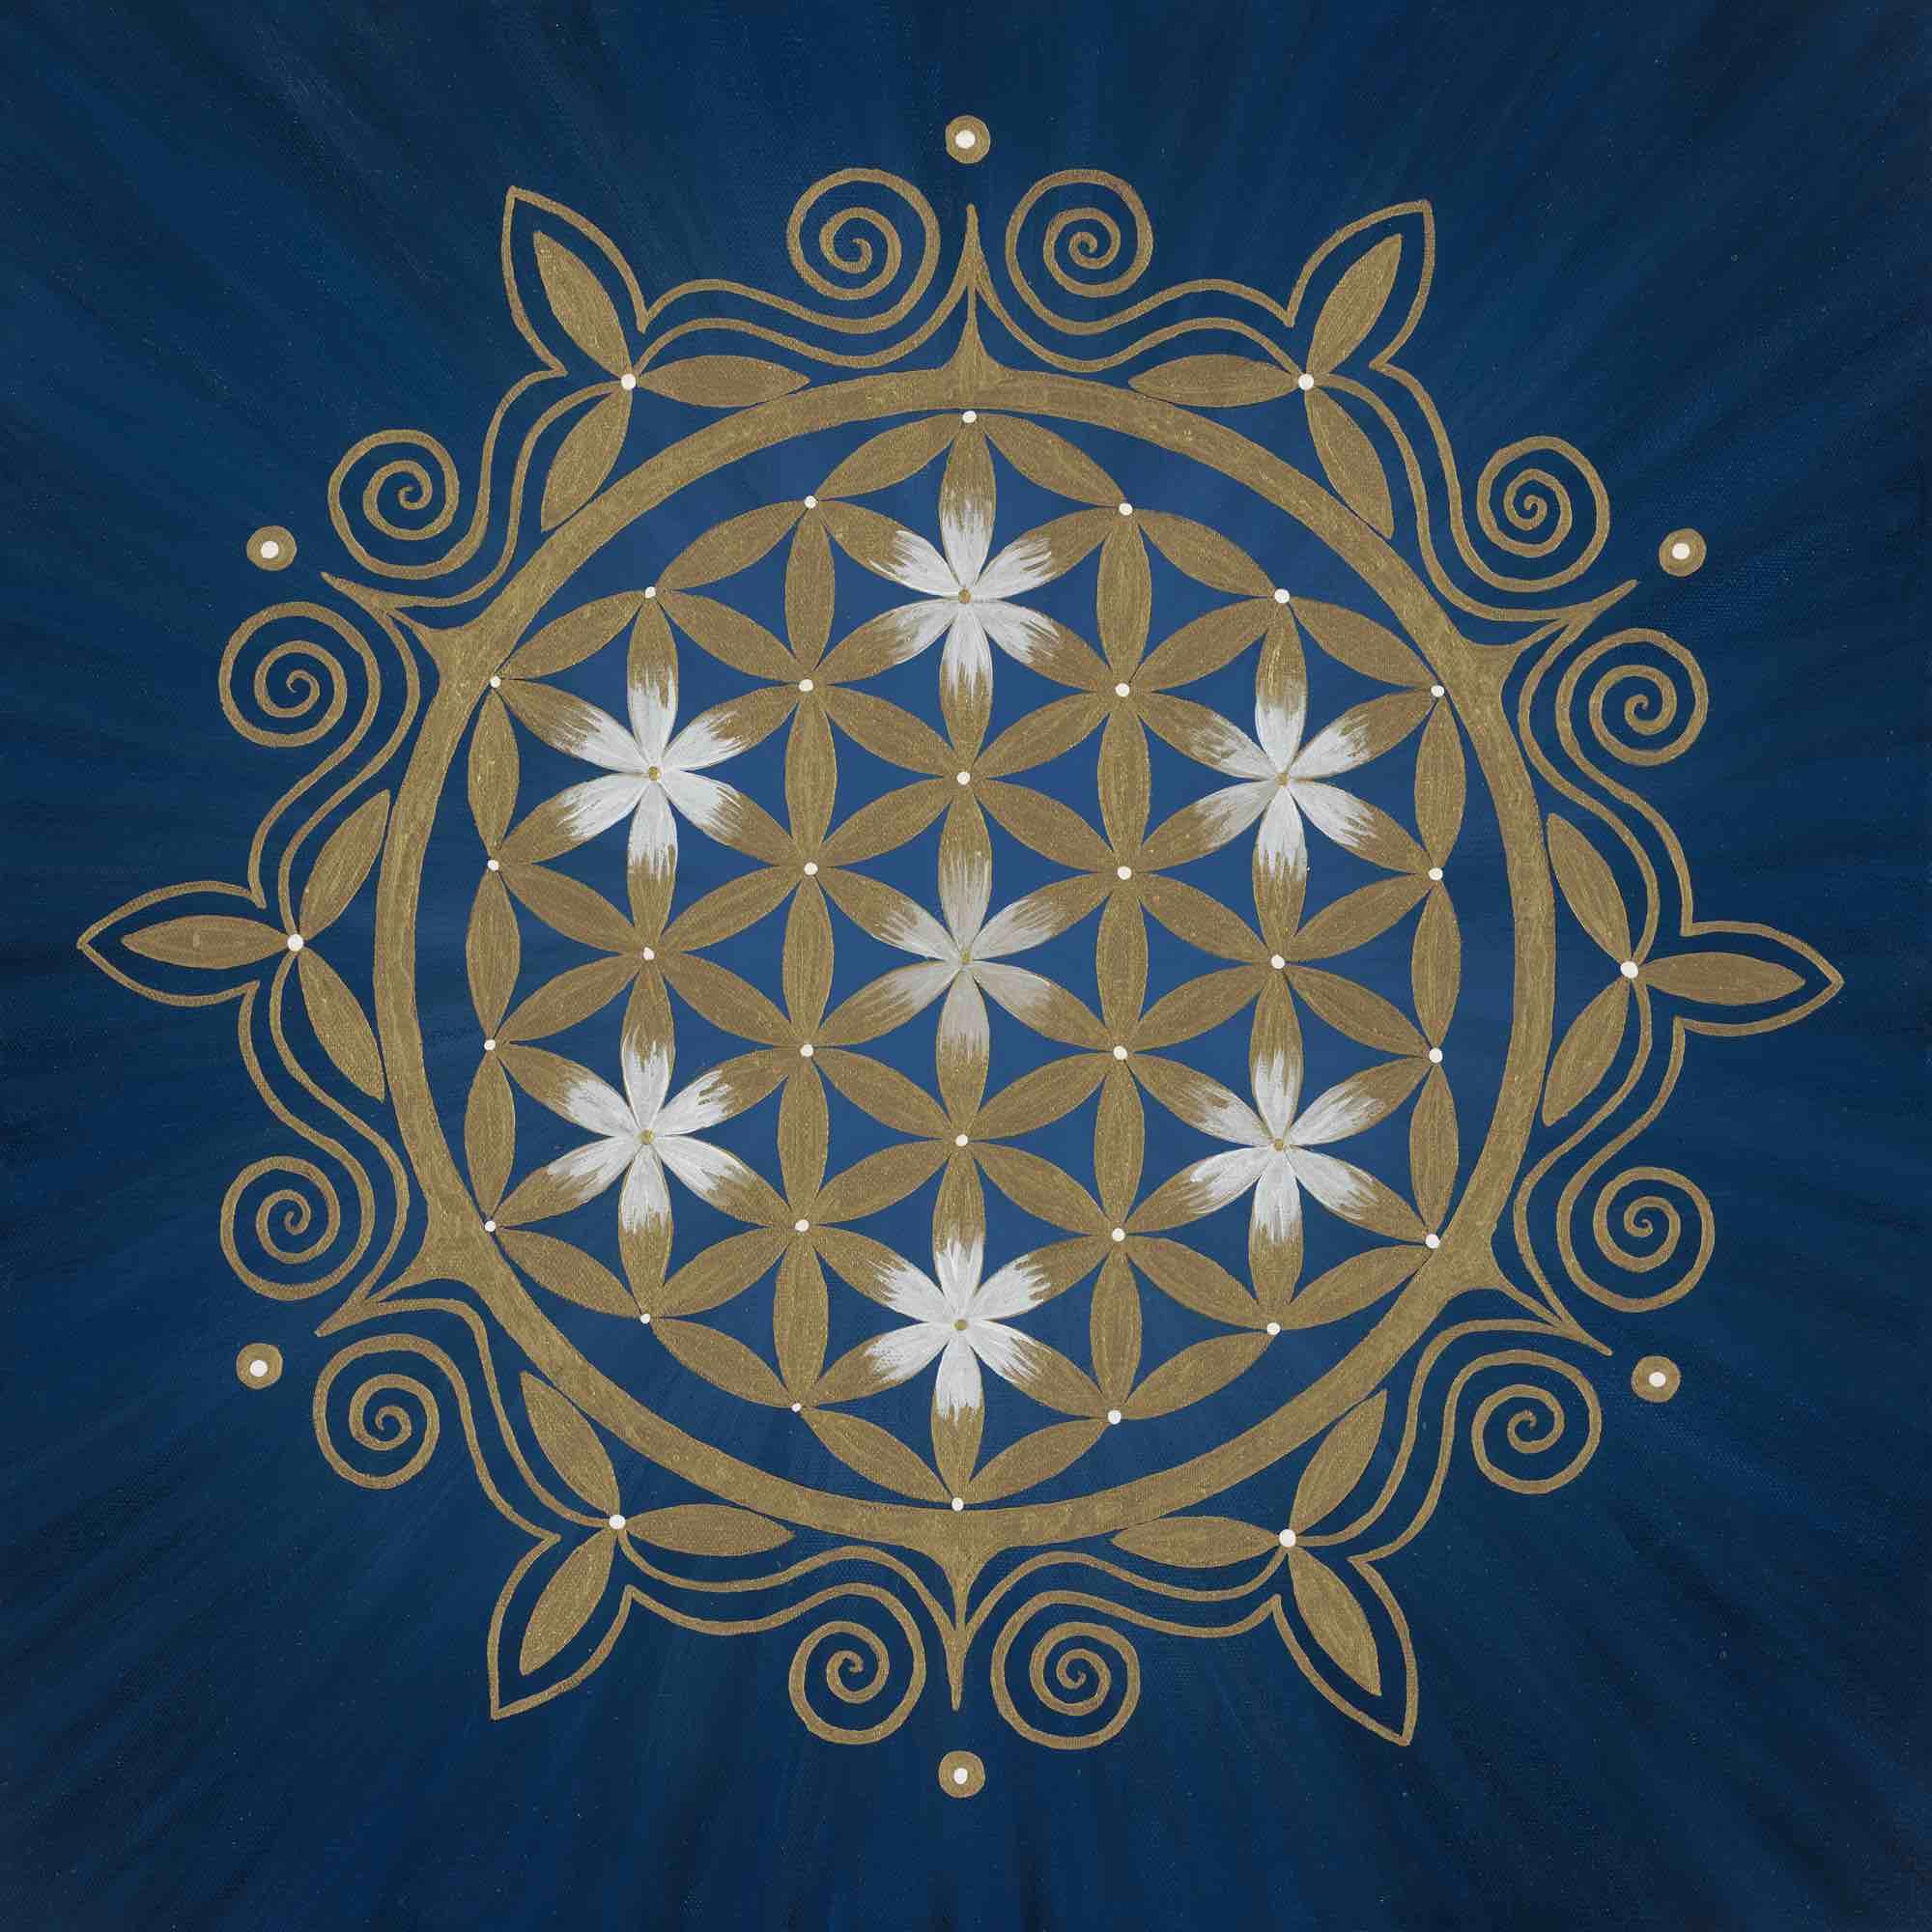 Leinwanddruck - Blume des Lebens - Blume des Orients